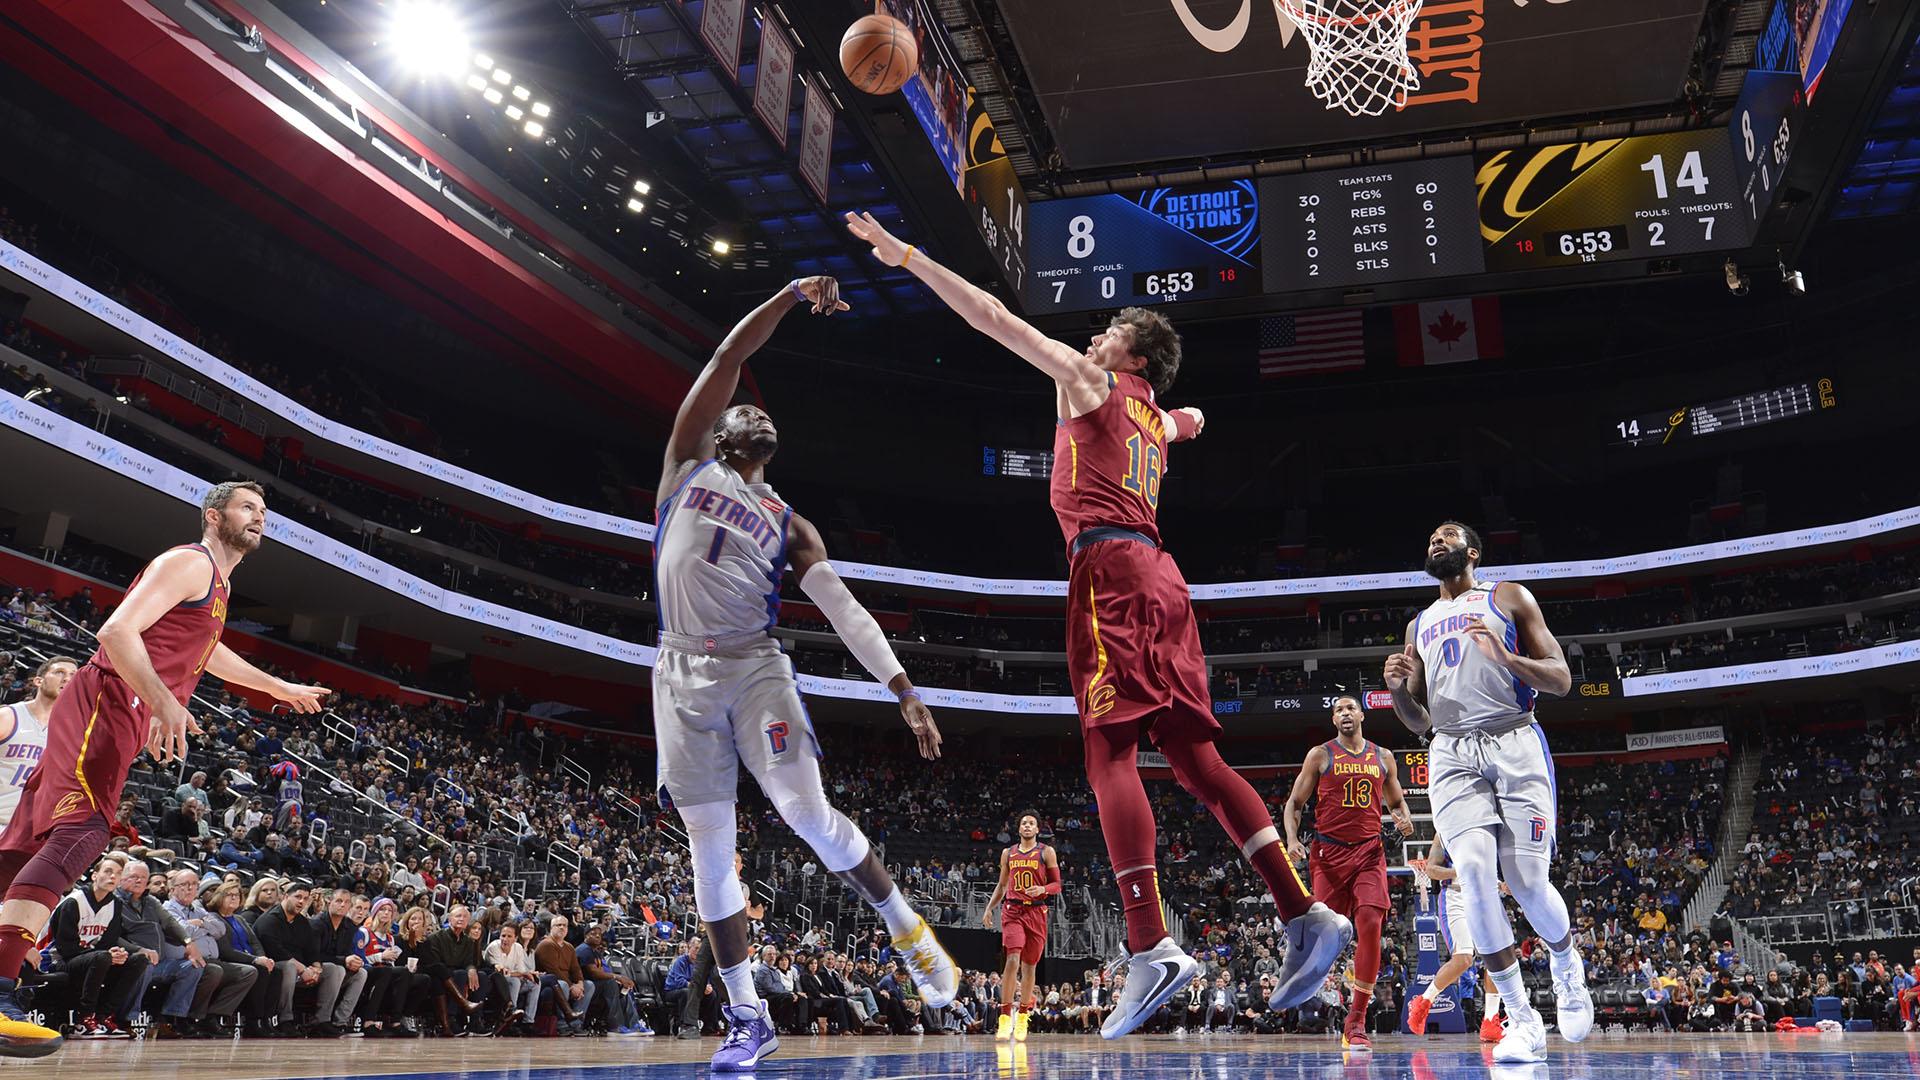 Cavaliers @ Pistons